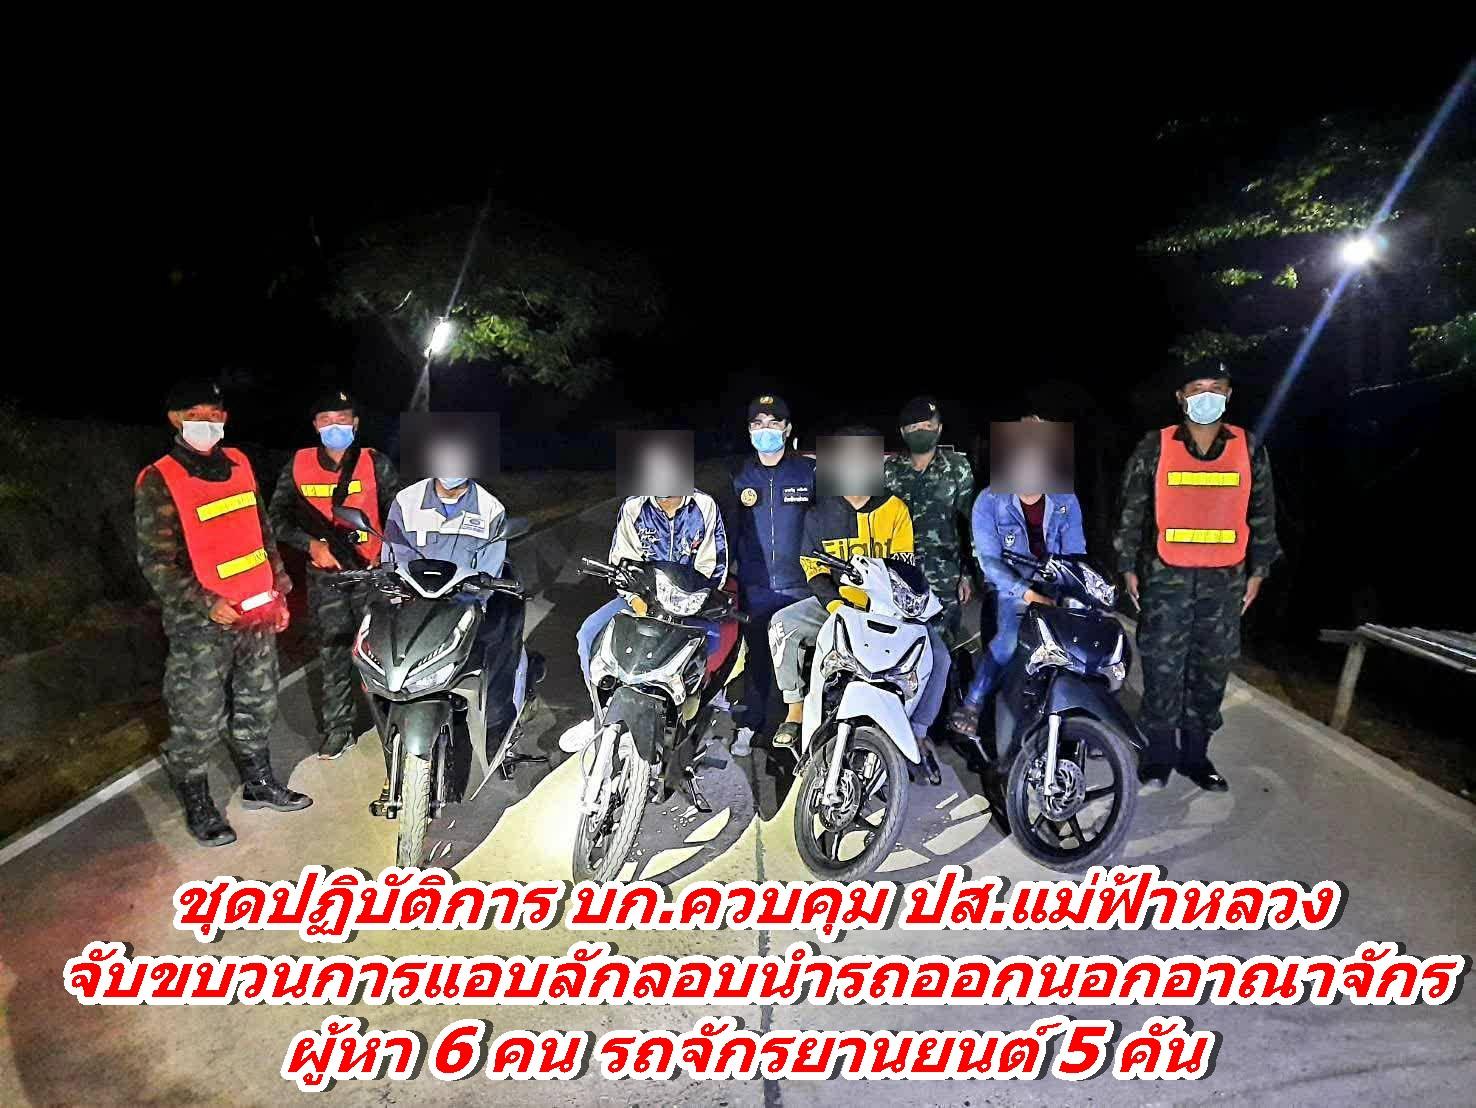 ชุดปฏิบัติการ บก.ควบคุม ปส.แม่ฟ้าหลวง จับขบวนการแอบลักลอบนำรถออกนอกอาณาจักร ผู้หา 6 คน รถจักรยานยนต์ 5 คัน